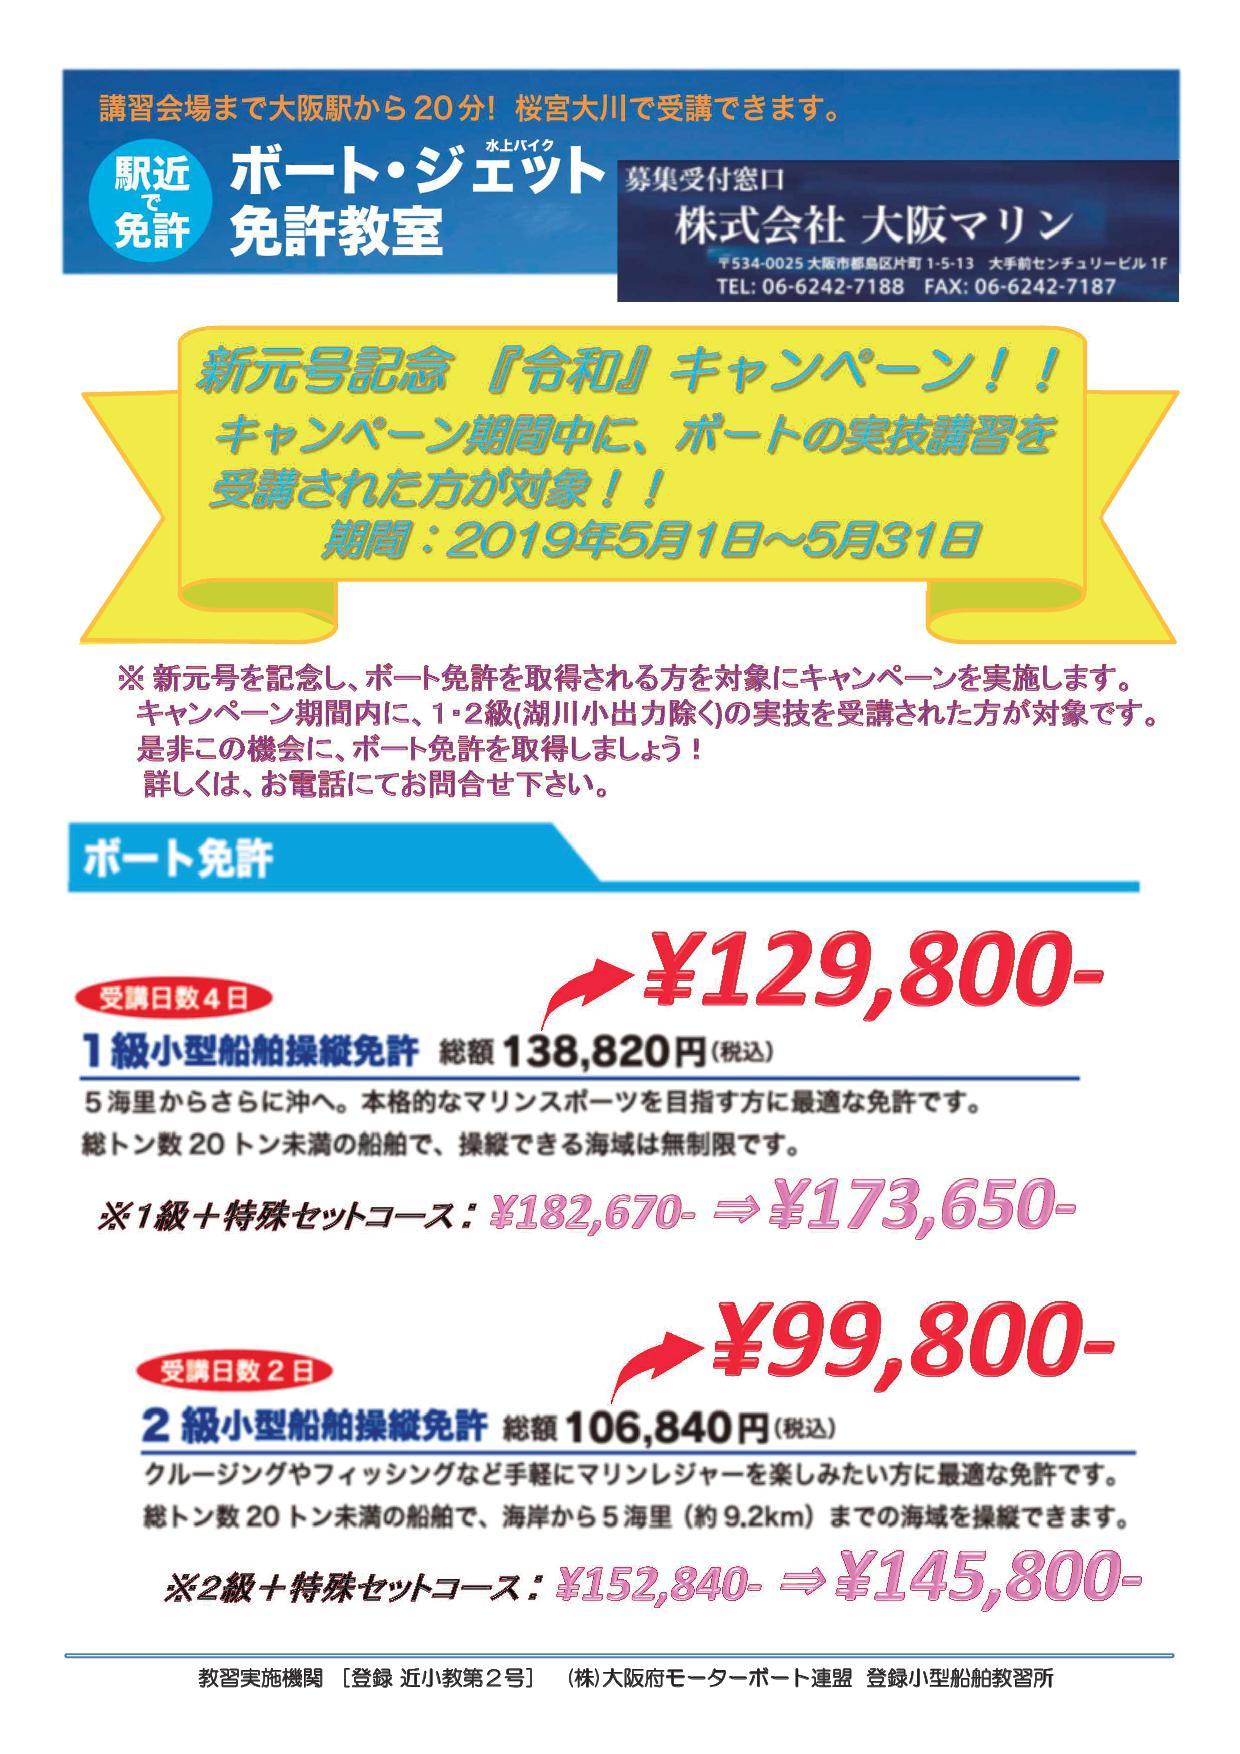 ボート免許 実技講習料金割引キャンペーン!